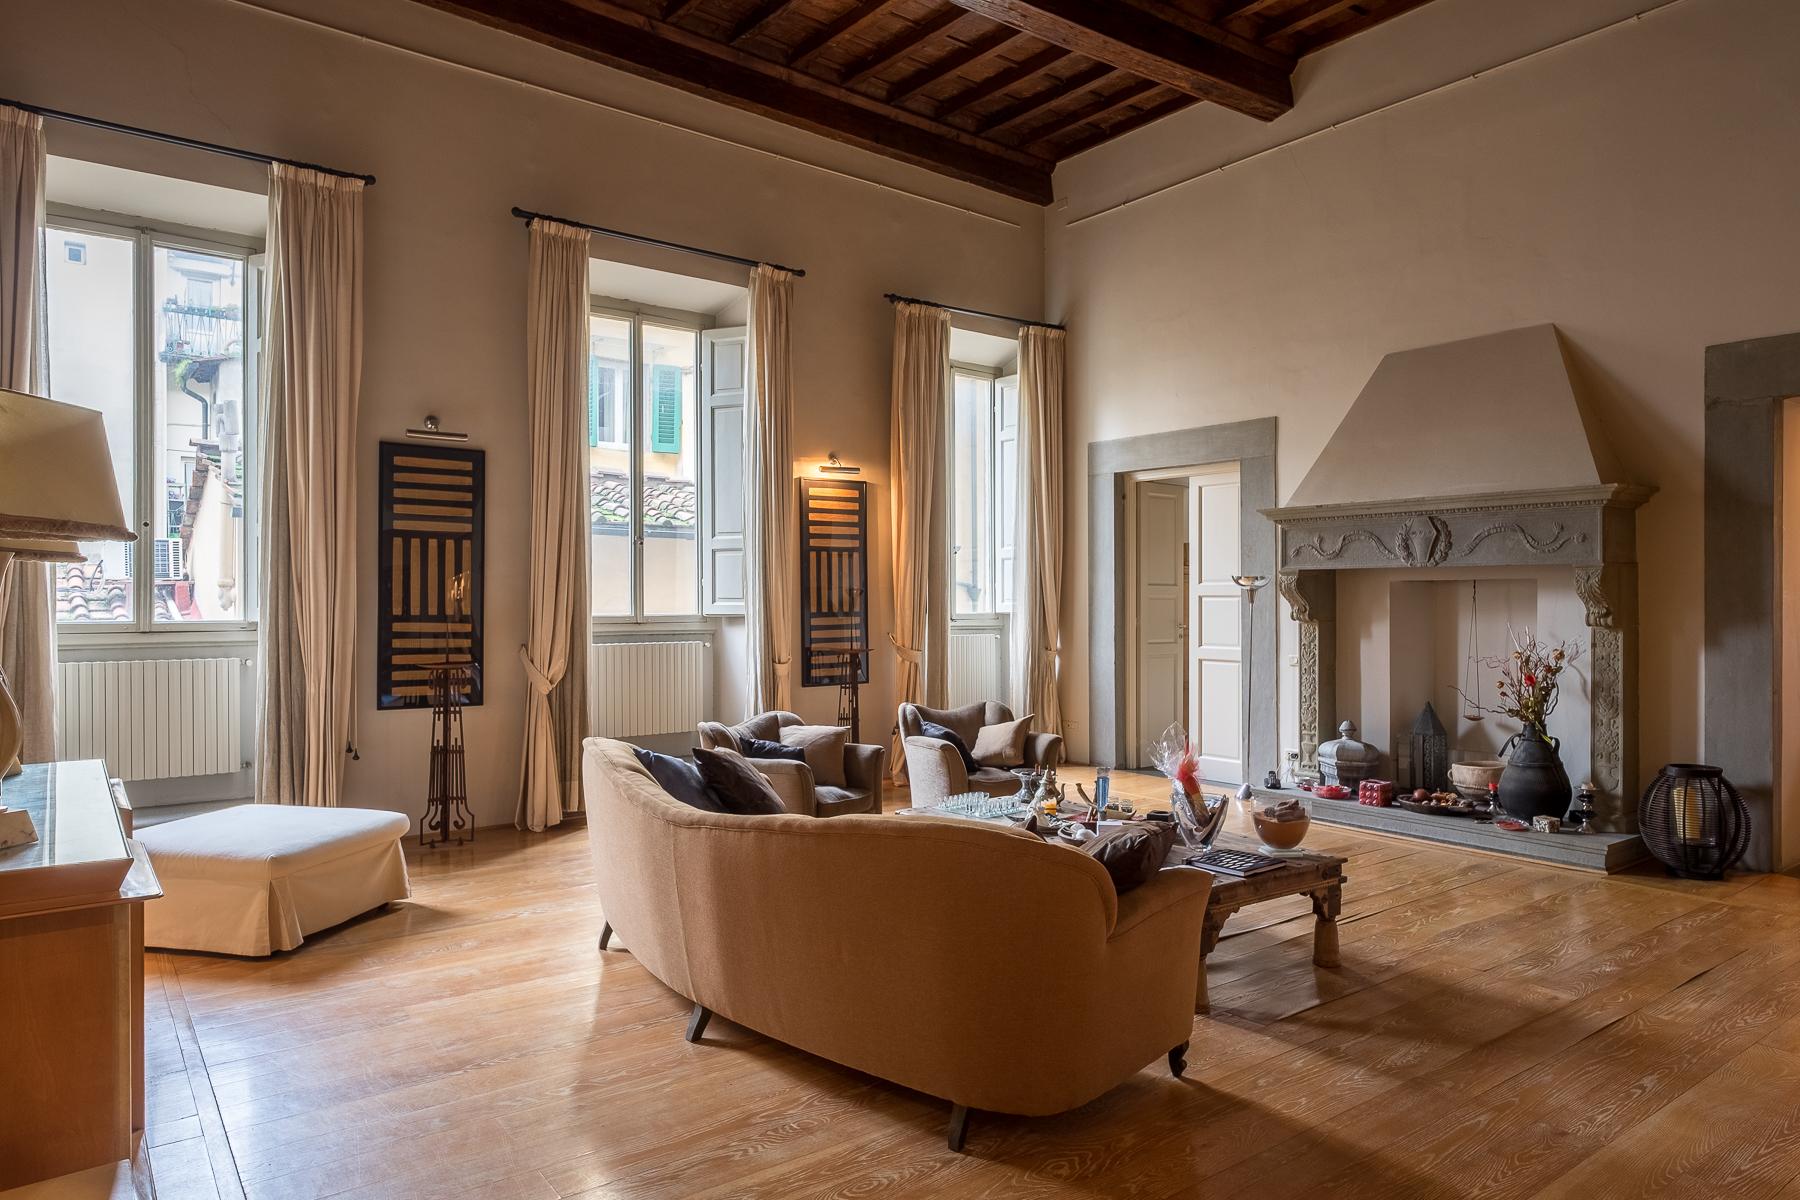 Appartamento in Vendita a Firenze borgo pinti